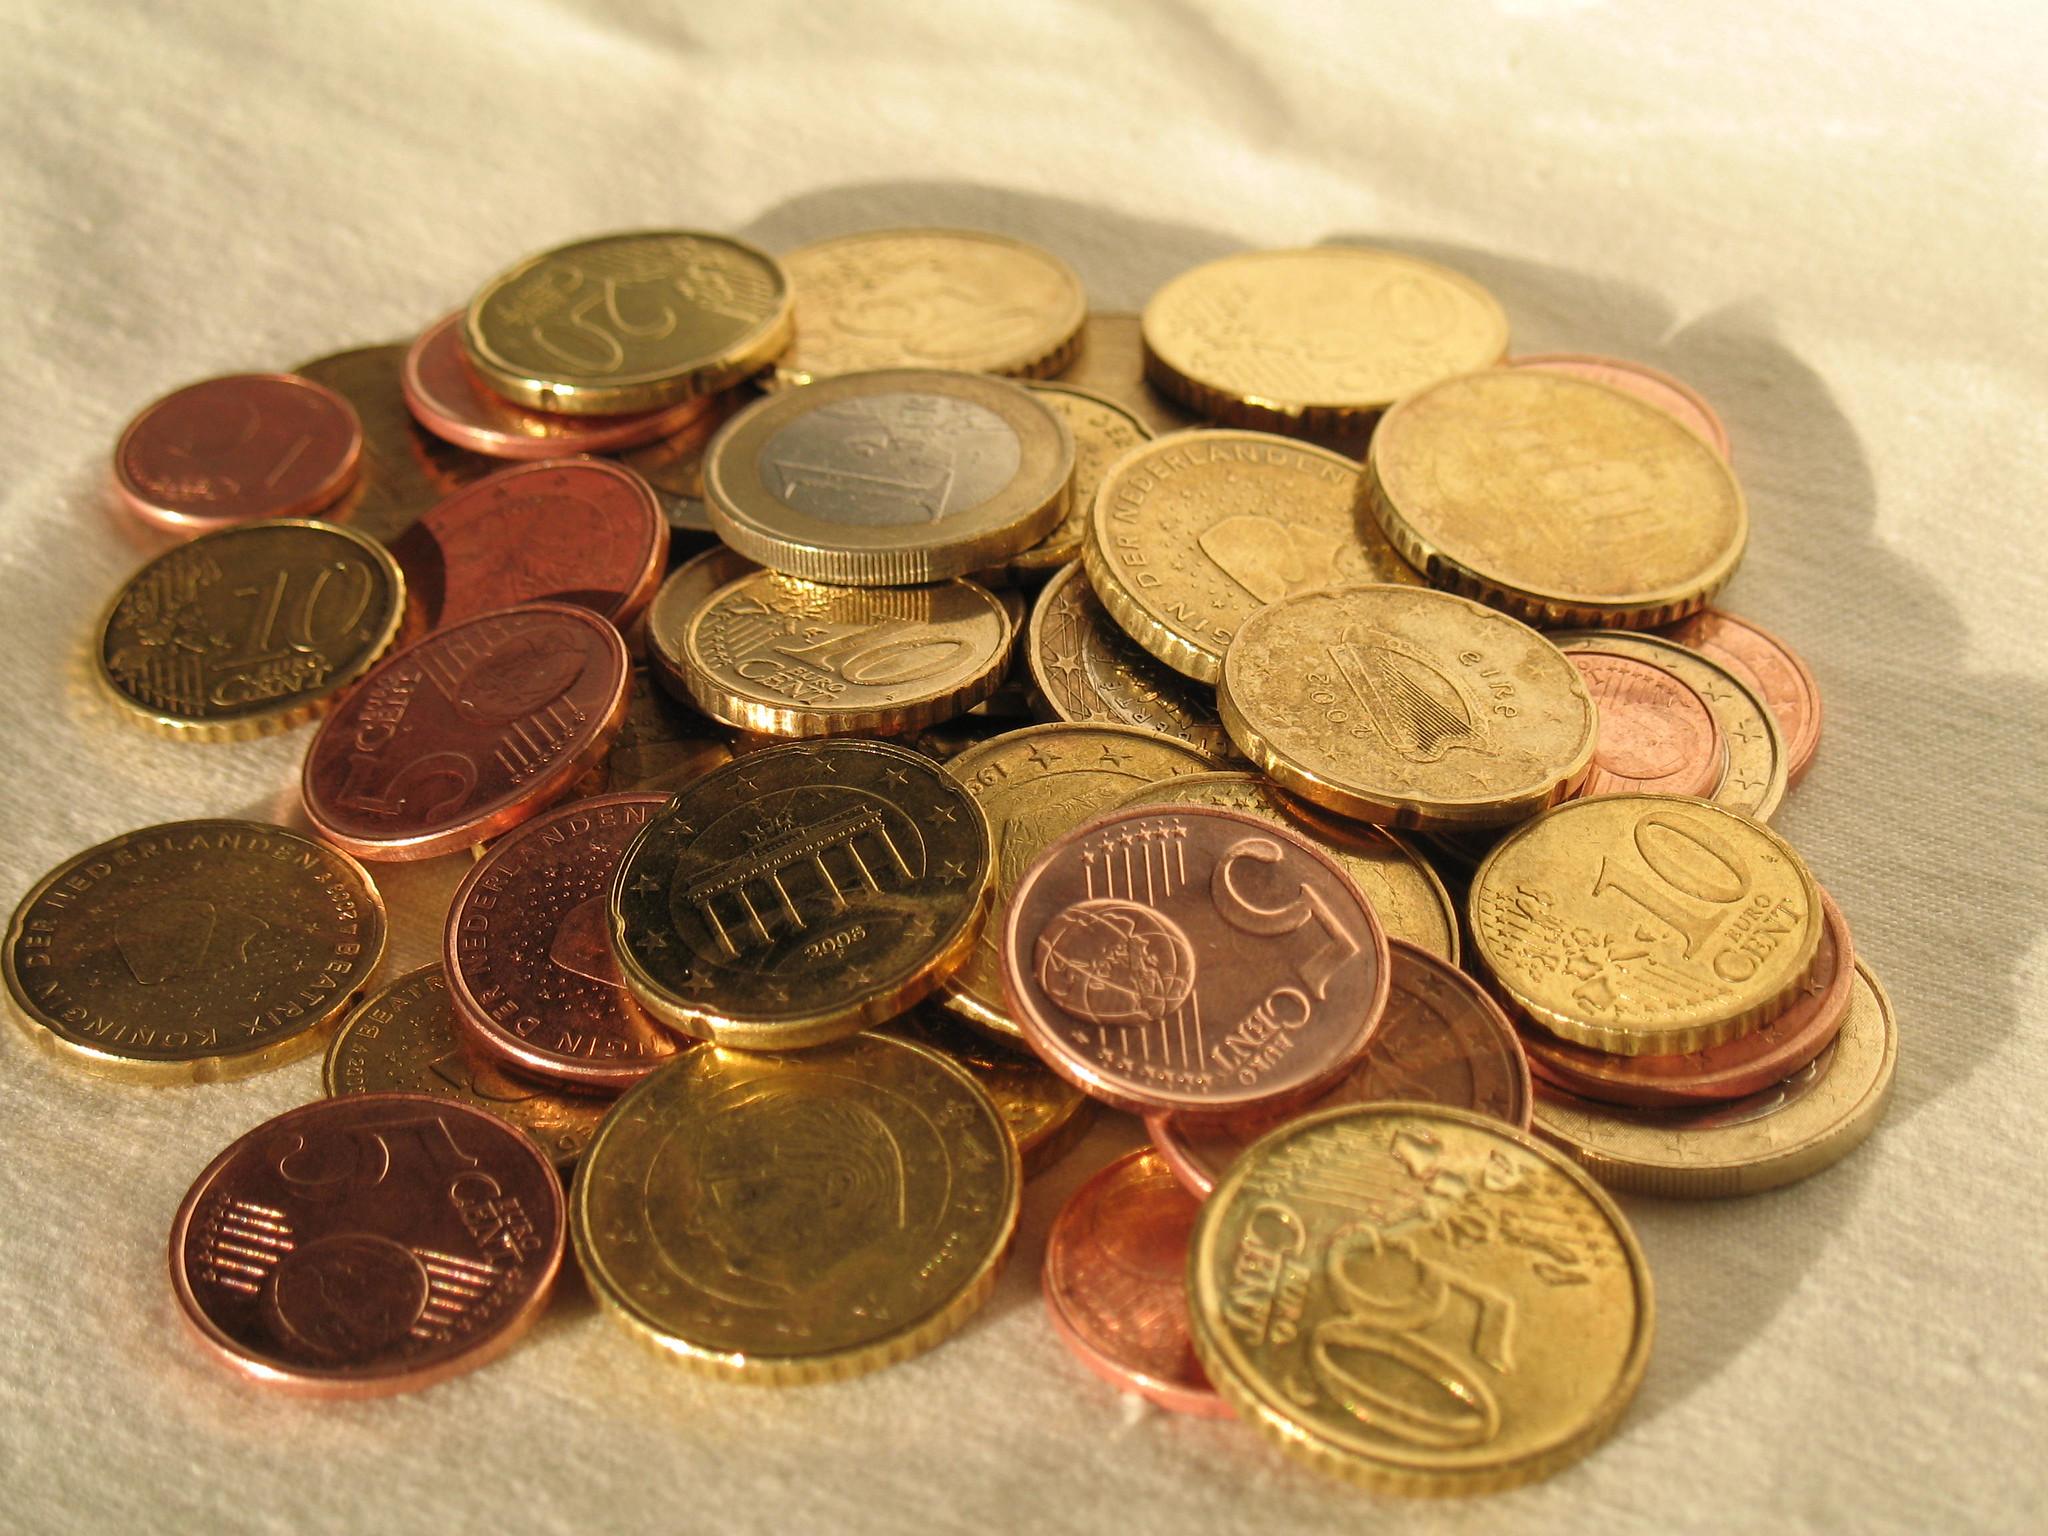 Cada família perdeu quase mil euros desde o início da crise, calcula a DECO